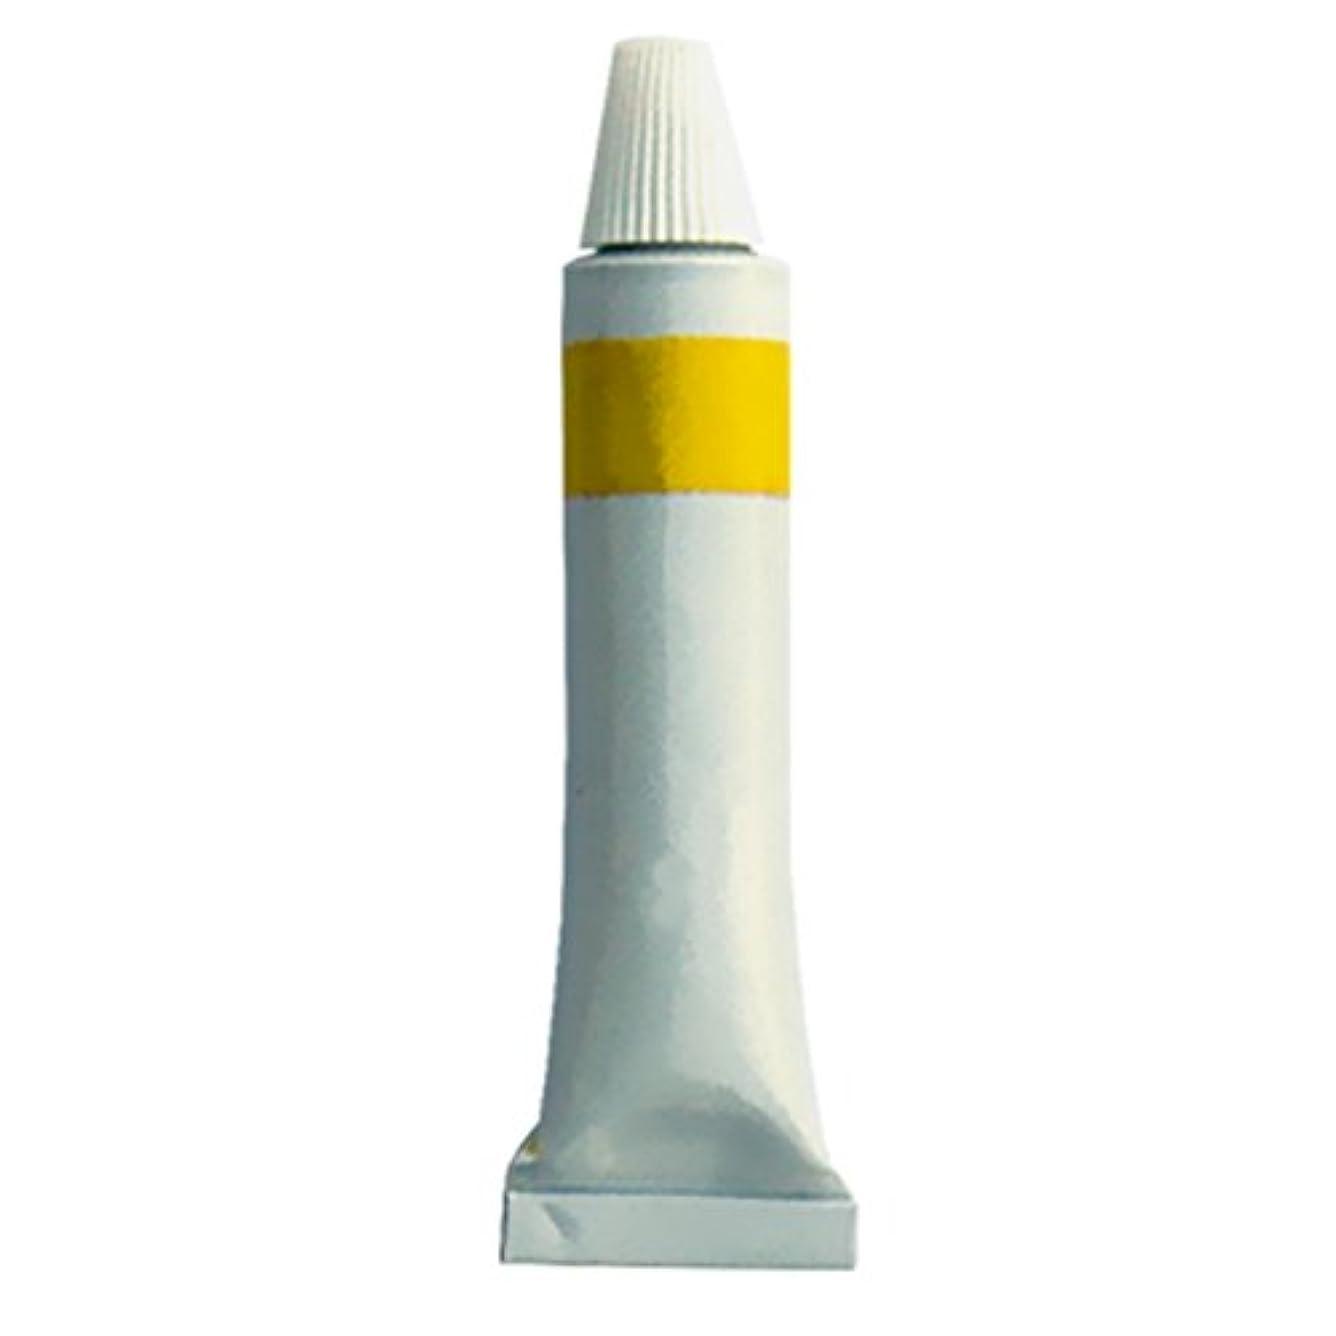 合成ロック解除甘いRAZOLUTION Care Grease yellow, grease paste for strops, without emery